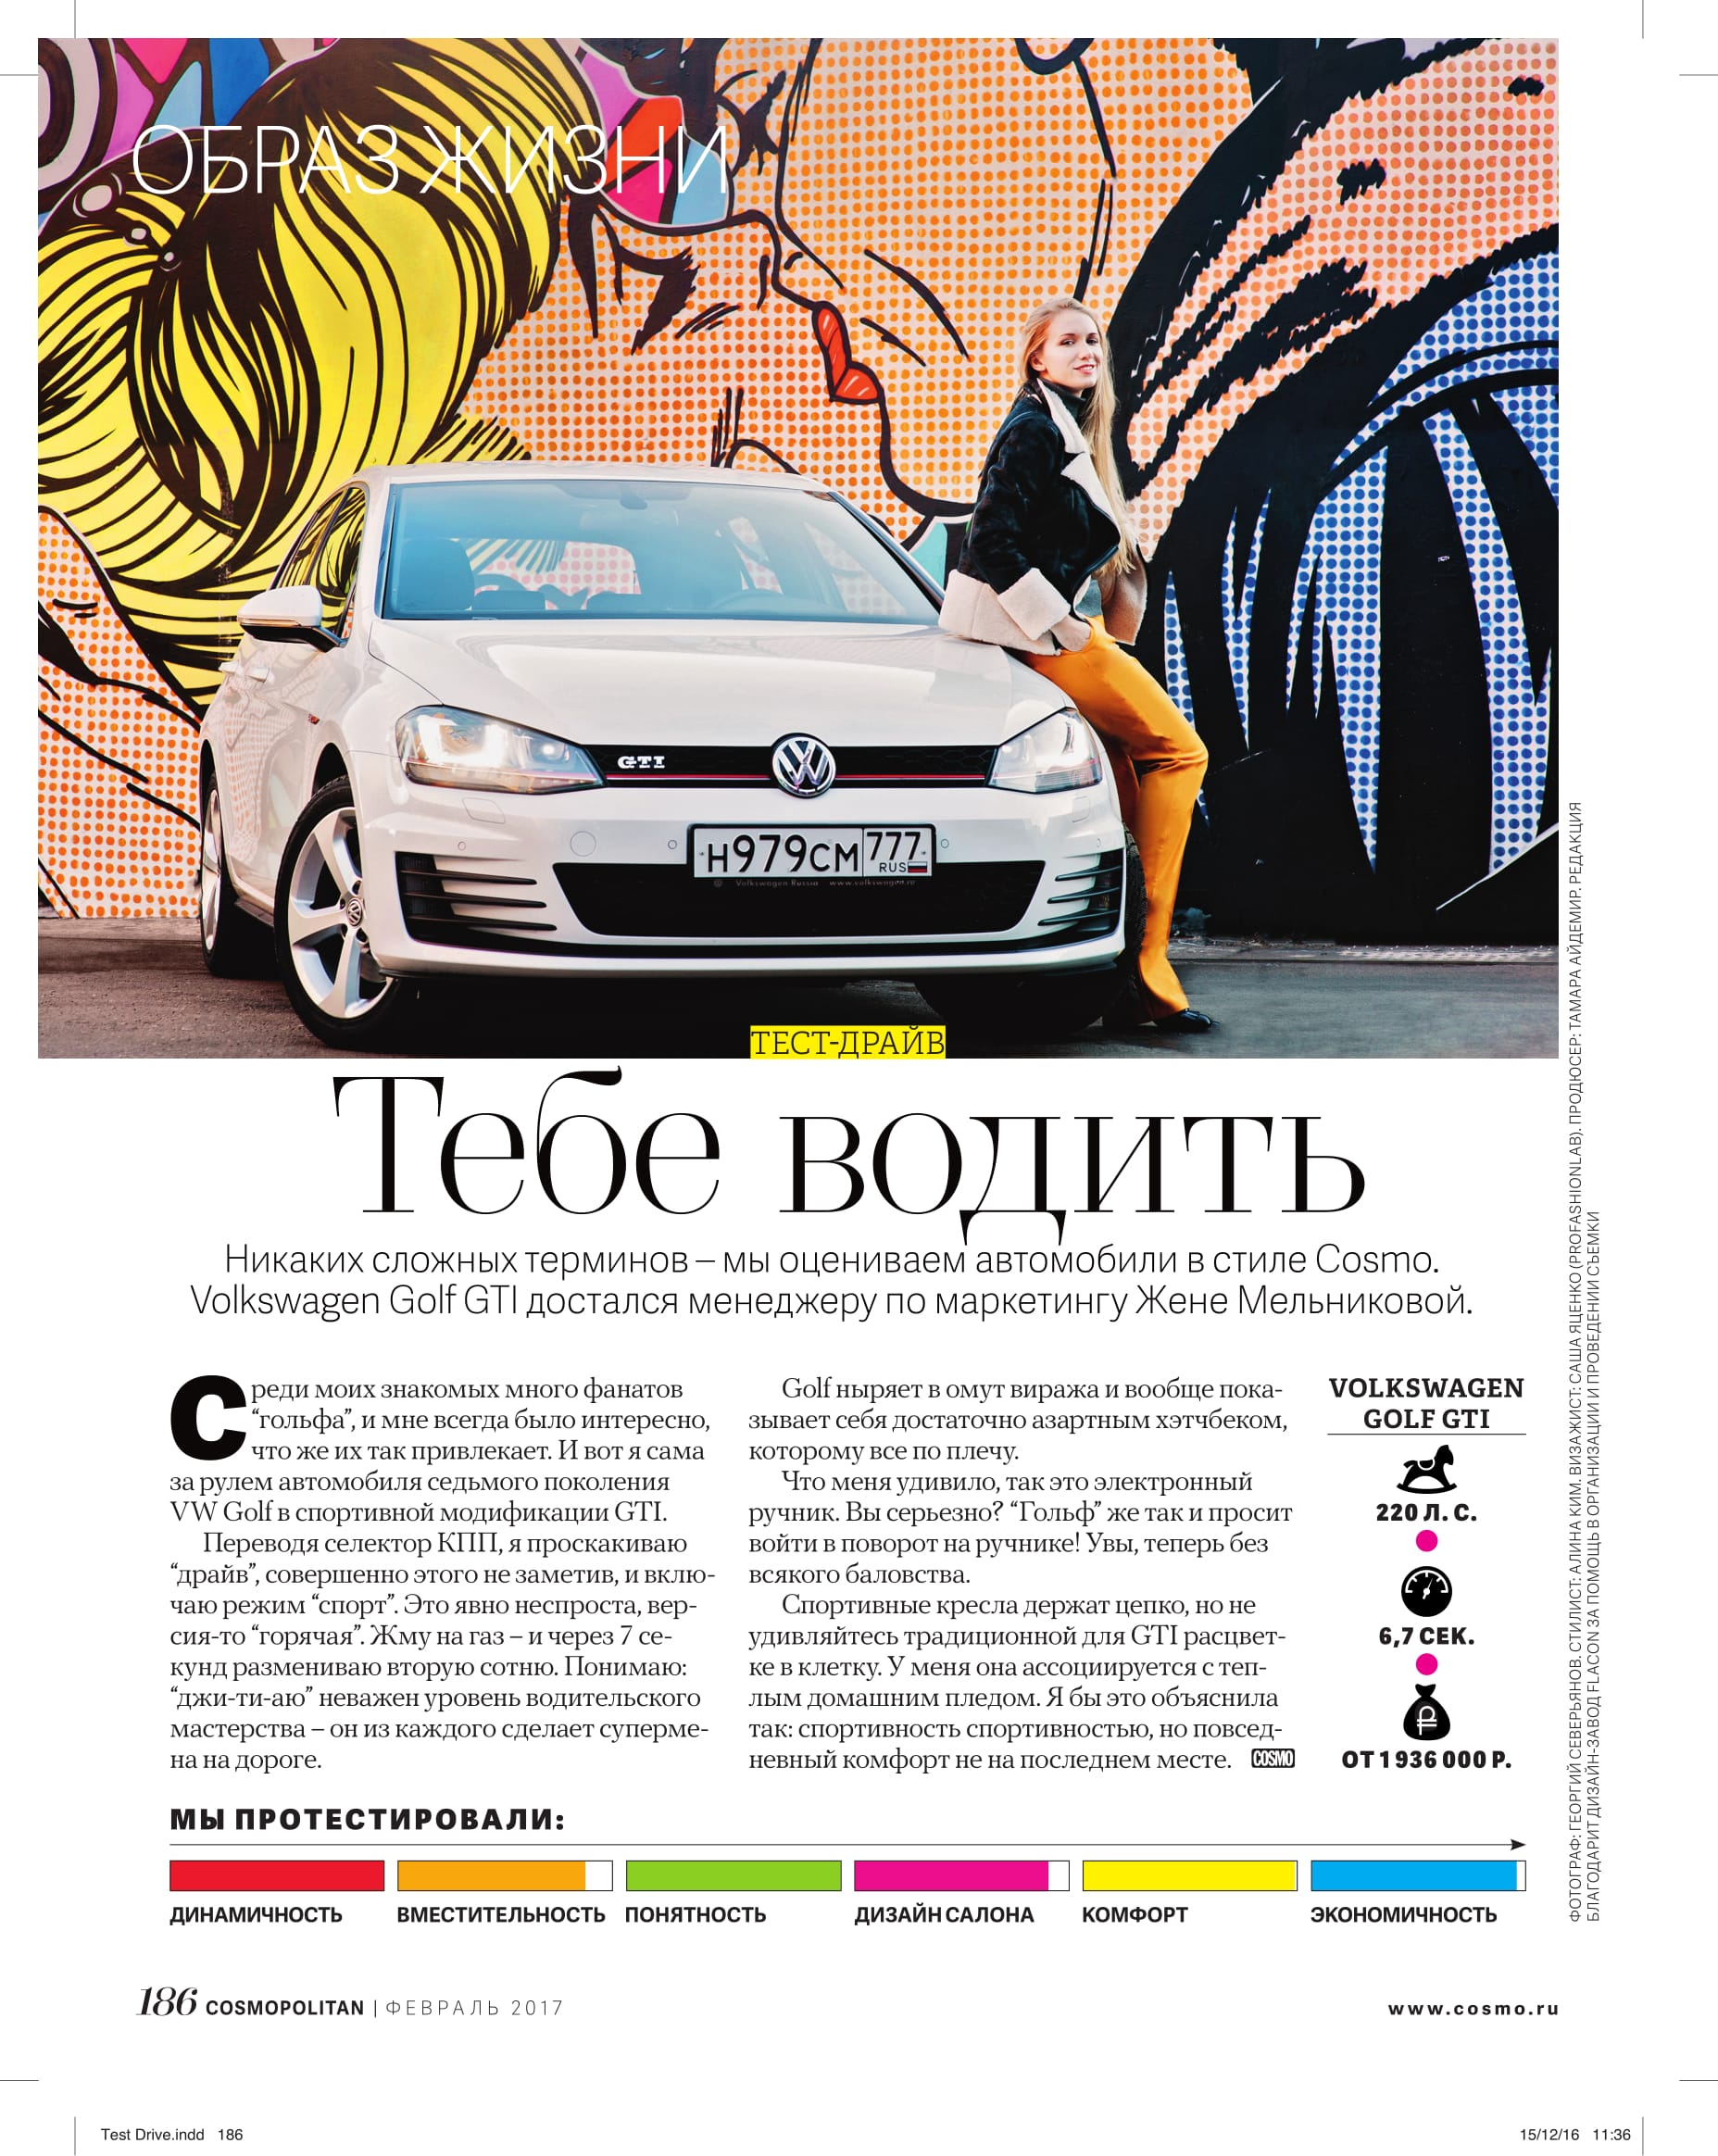 Cosmopolitain Russia